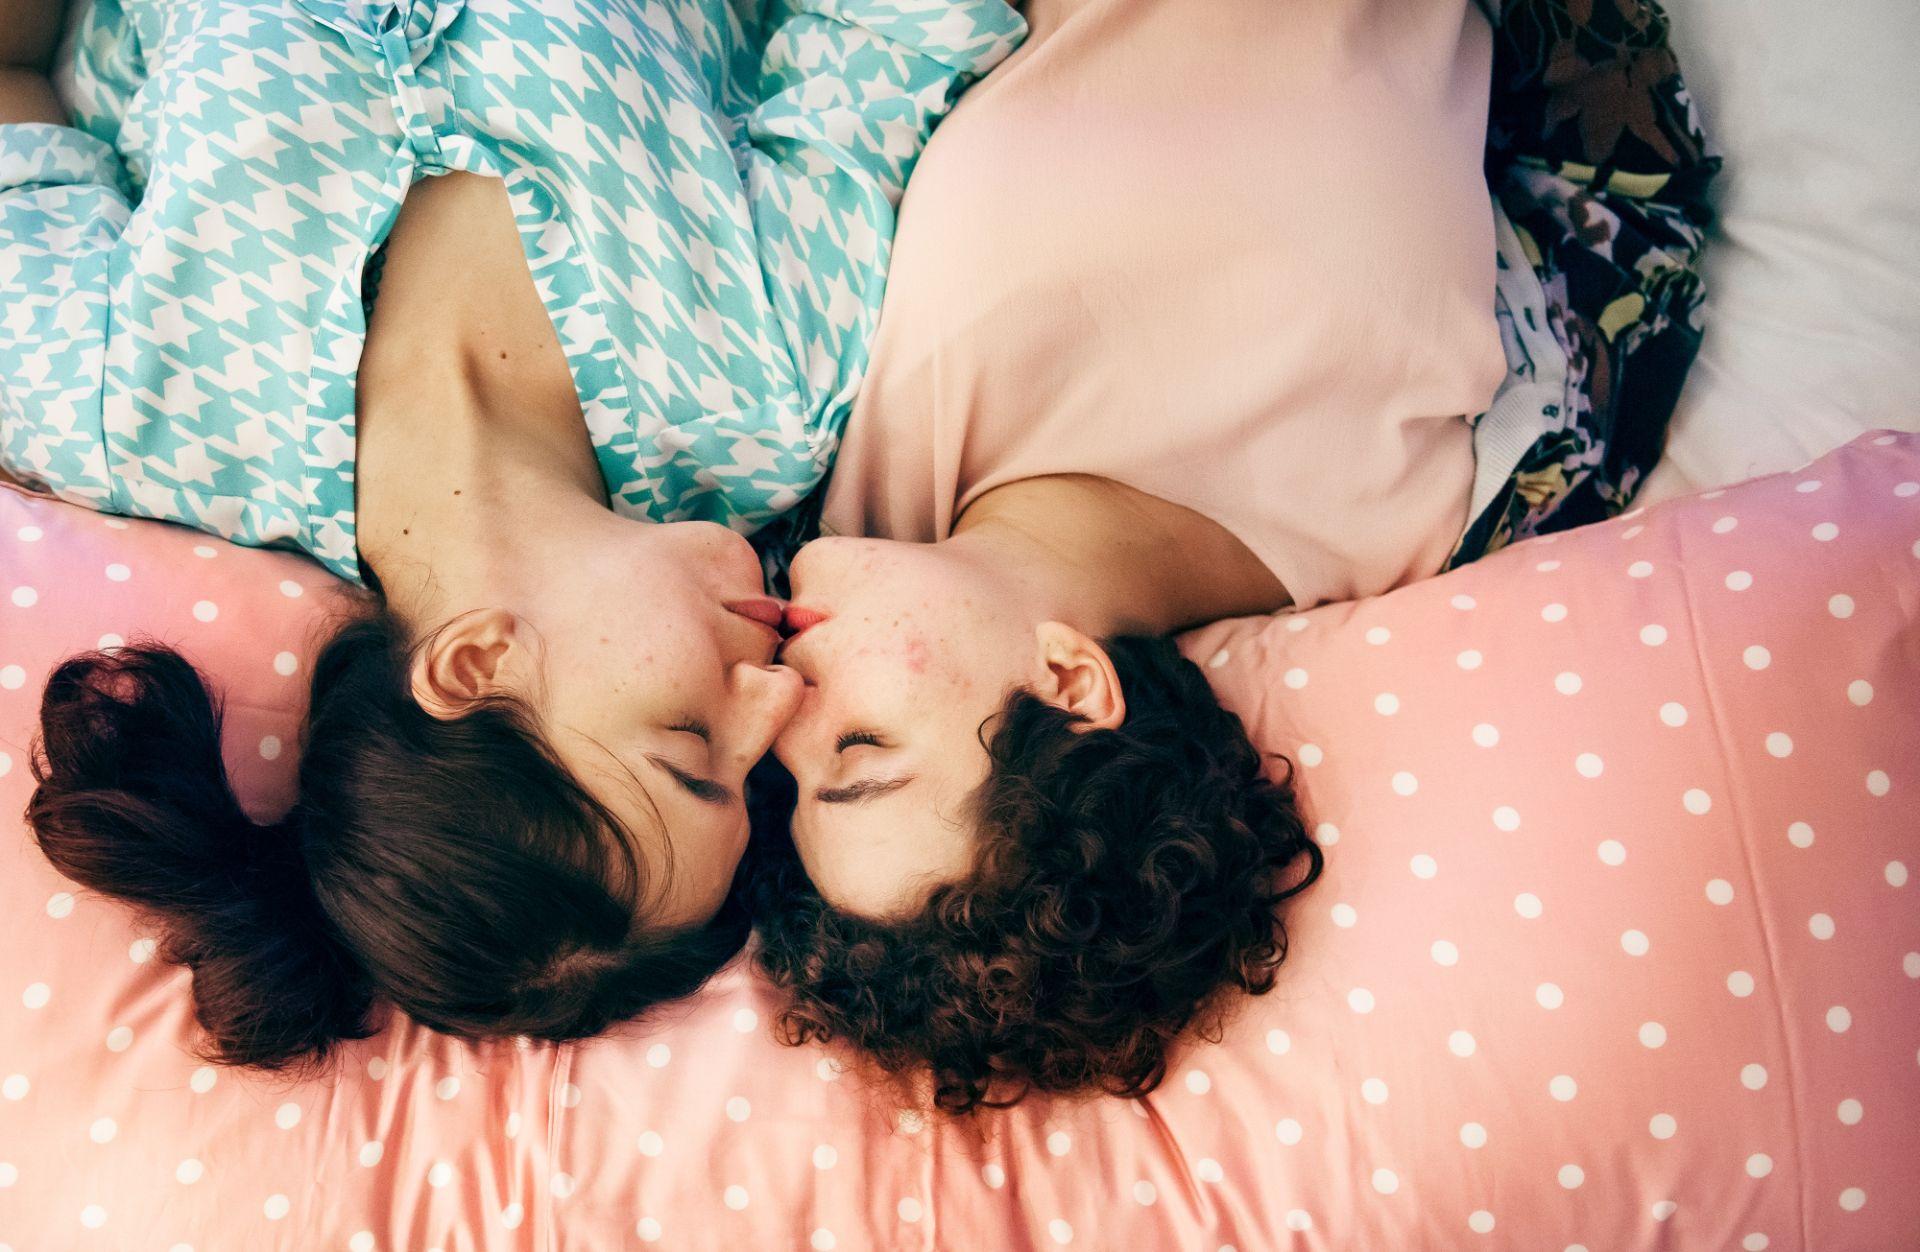 affection-bed-bedroom-1418354